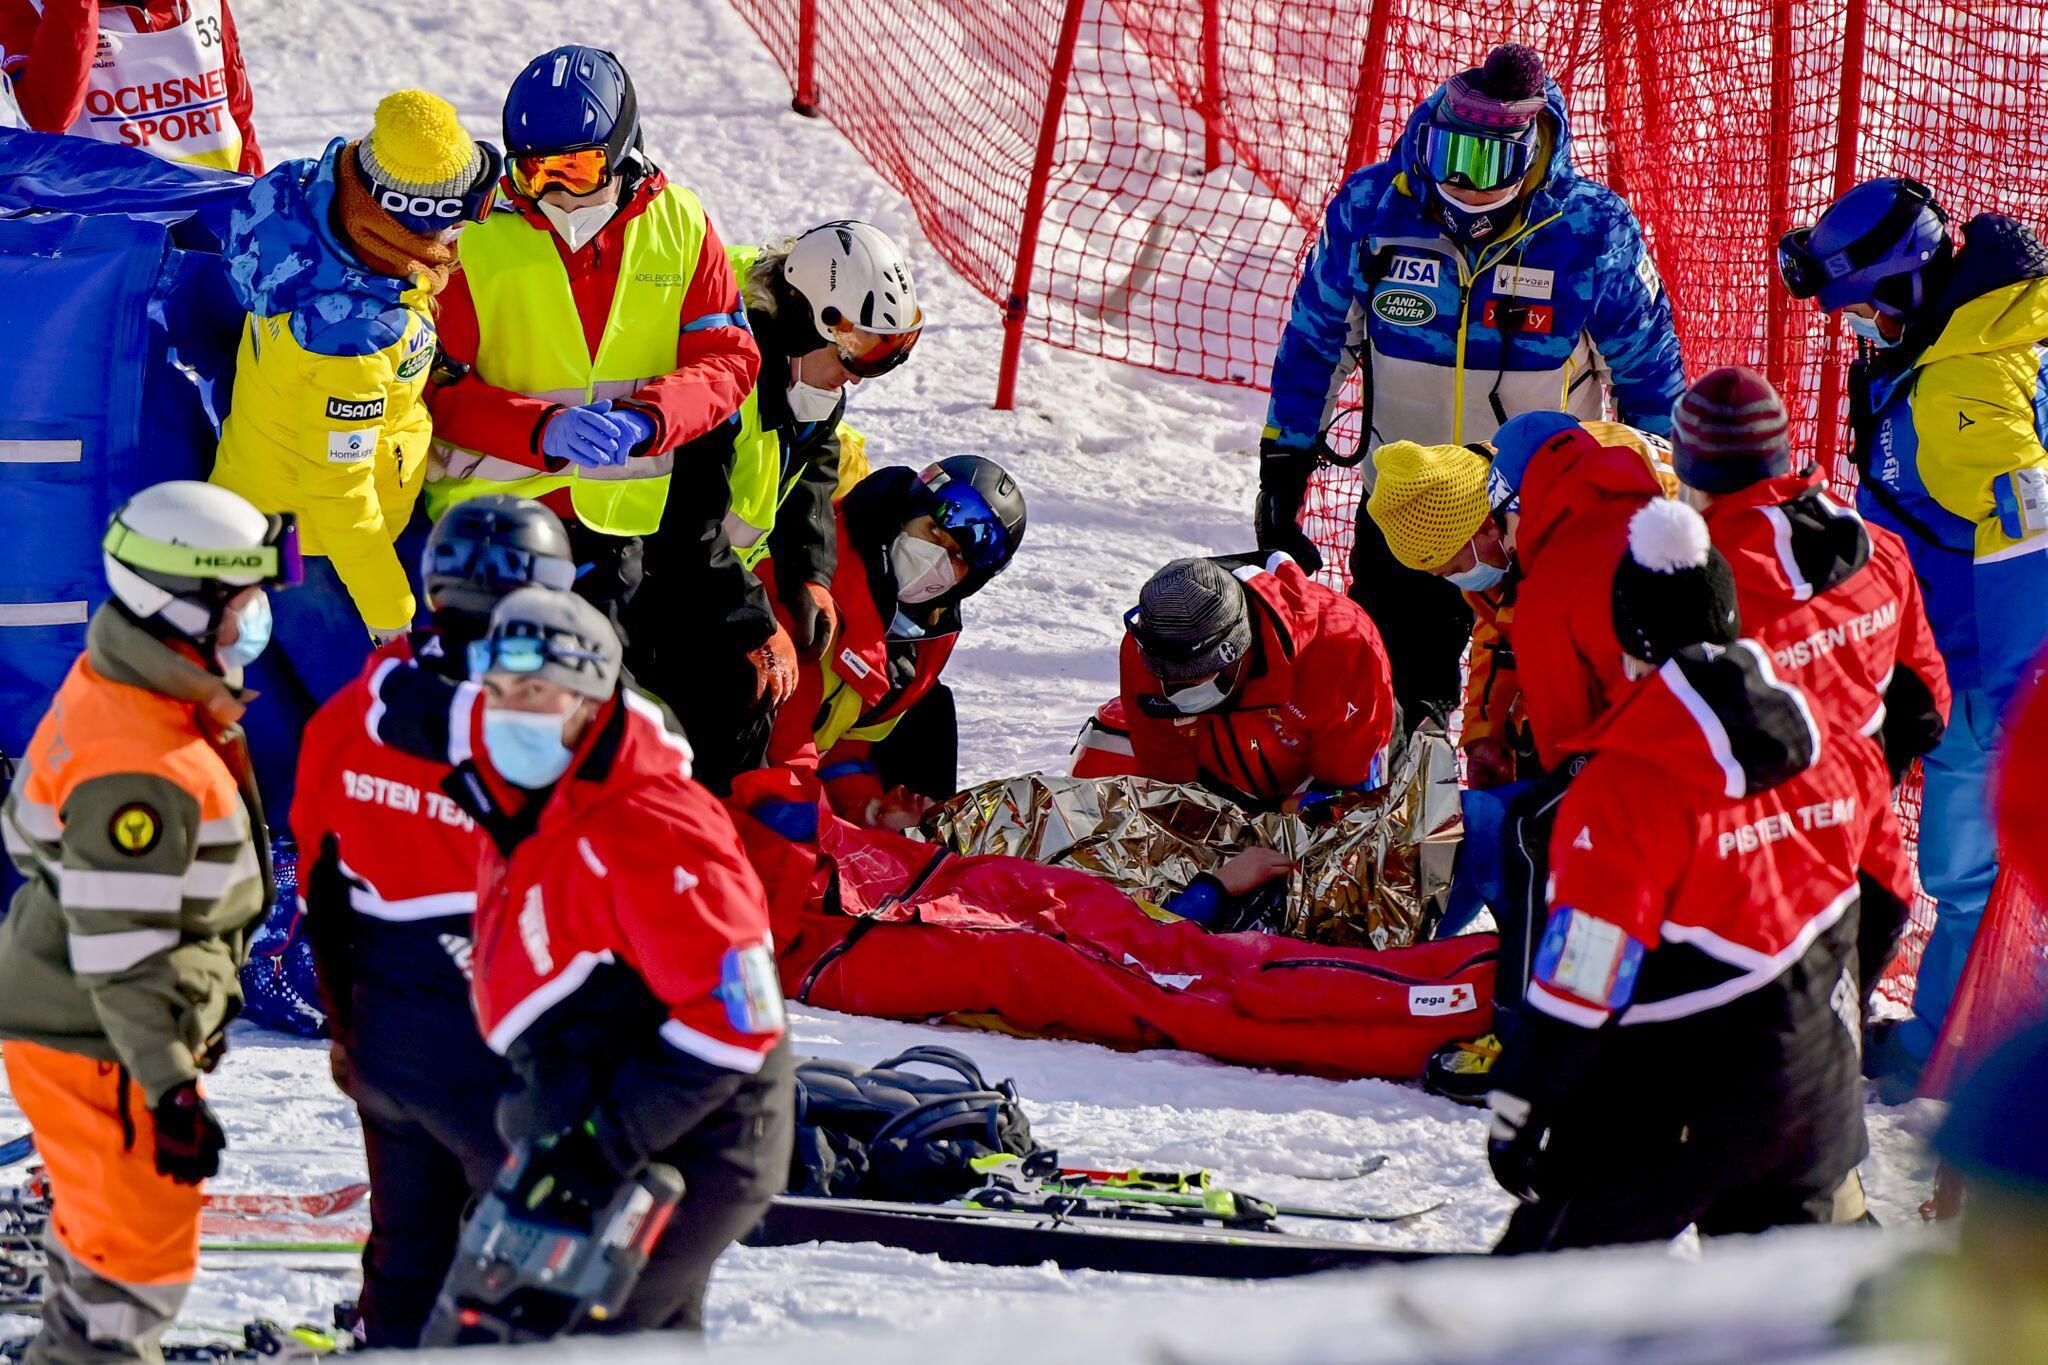 Bild zu Ski alpin - Weltcup in Adelboden